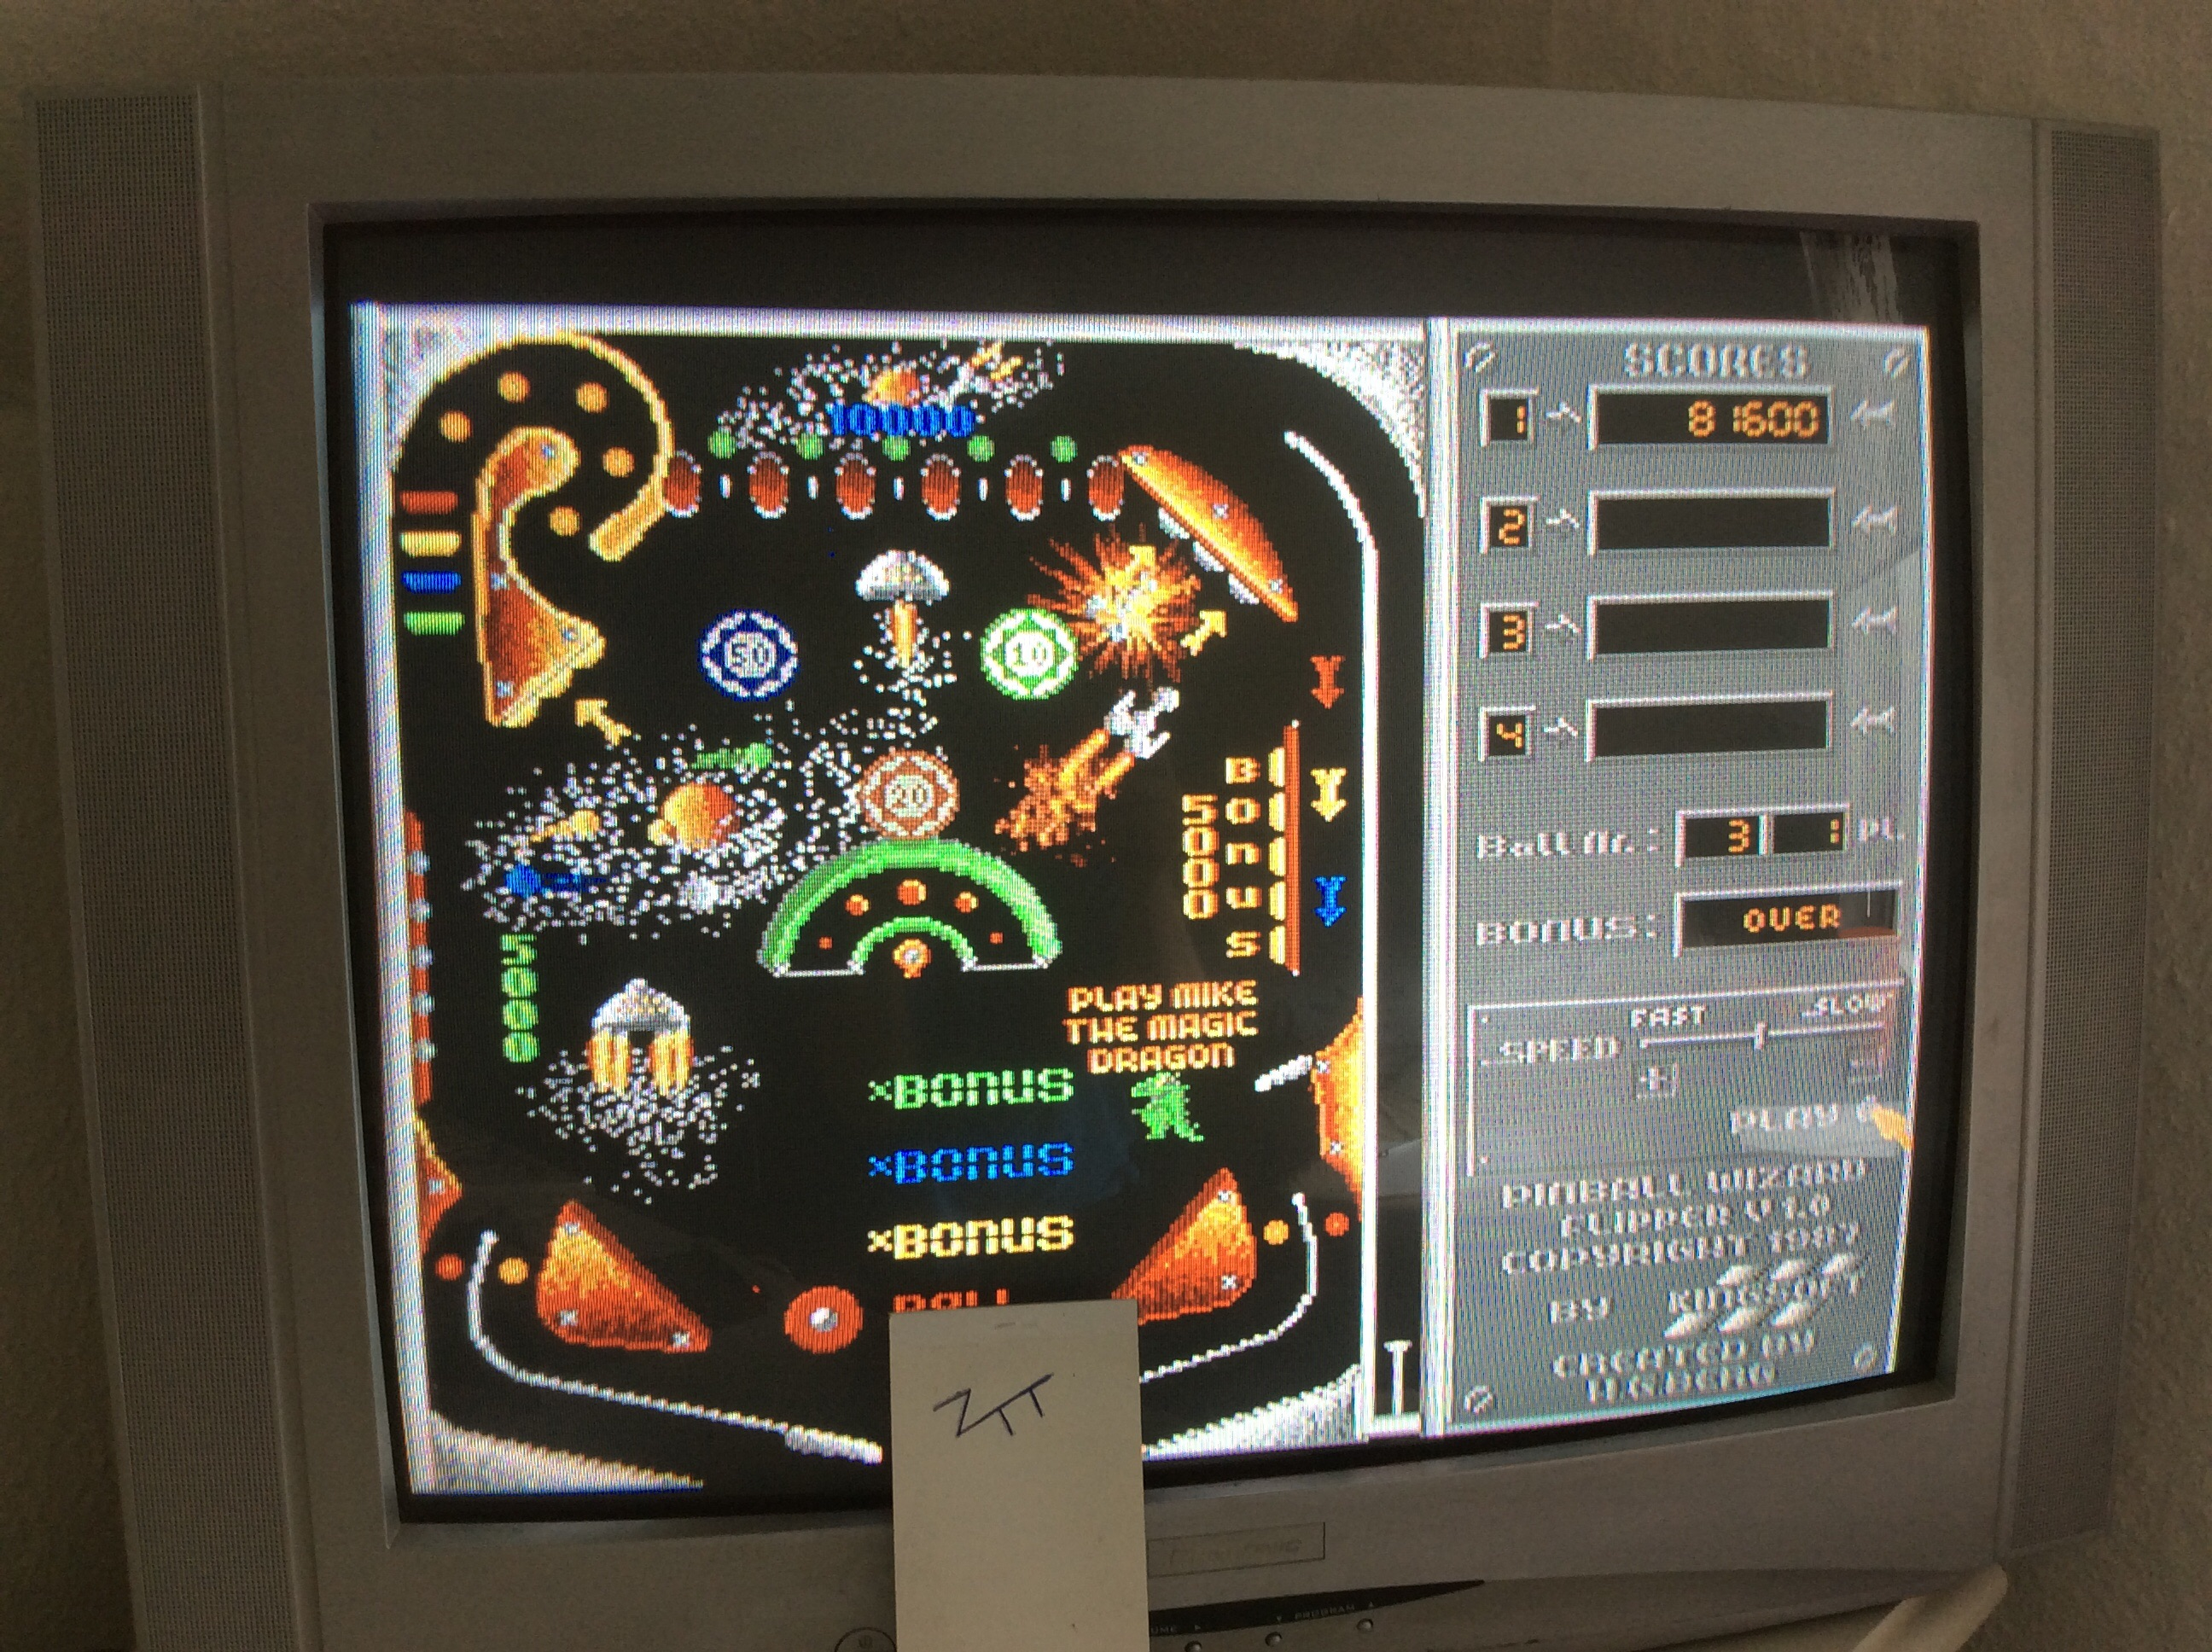 Frankie: Pinball Wizard V1.0 [Free choice of Speed] (Amiga) 81,600 points on 2016-07-03 05:20:55